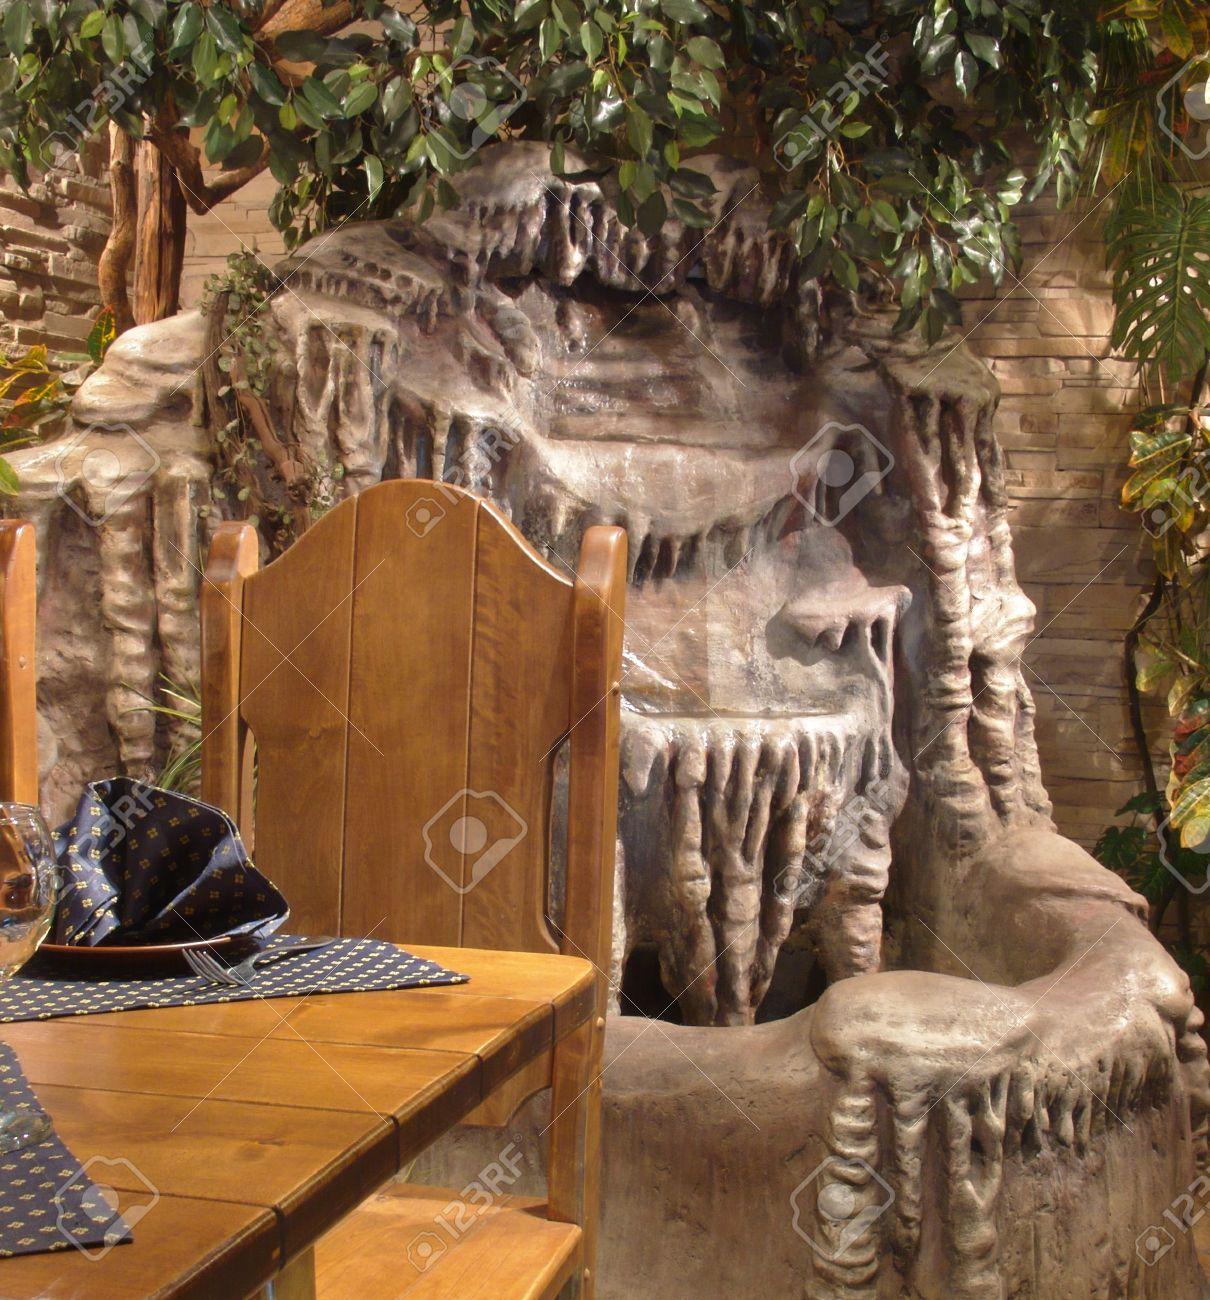 Best Foto De Archivo Un Fragmento Del Interior Mesa De Madera Fuente  Colocado En Un Volcn Fuente De Piedra Decorado Con Vegetacin Artificial  With Fuentes De ...